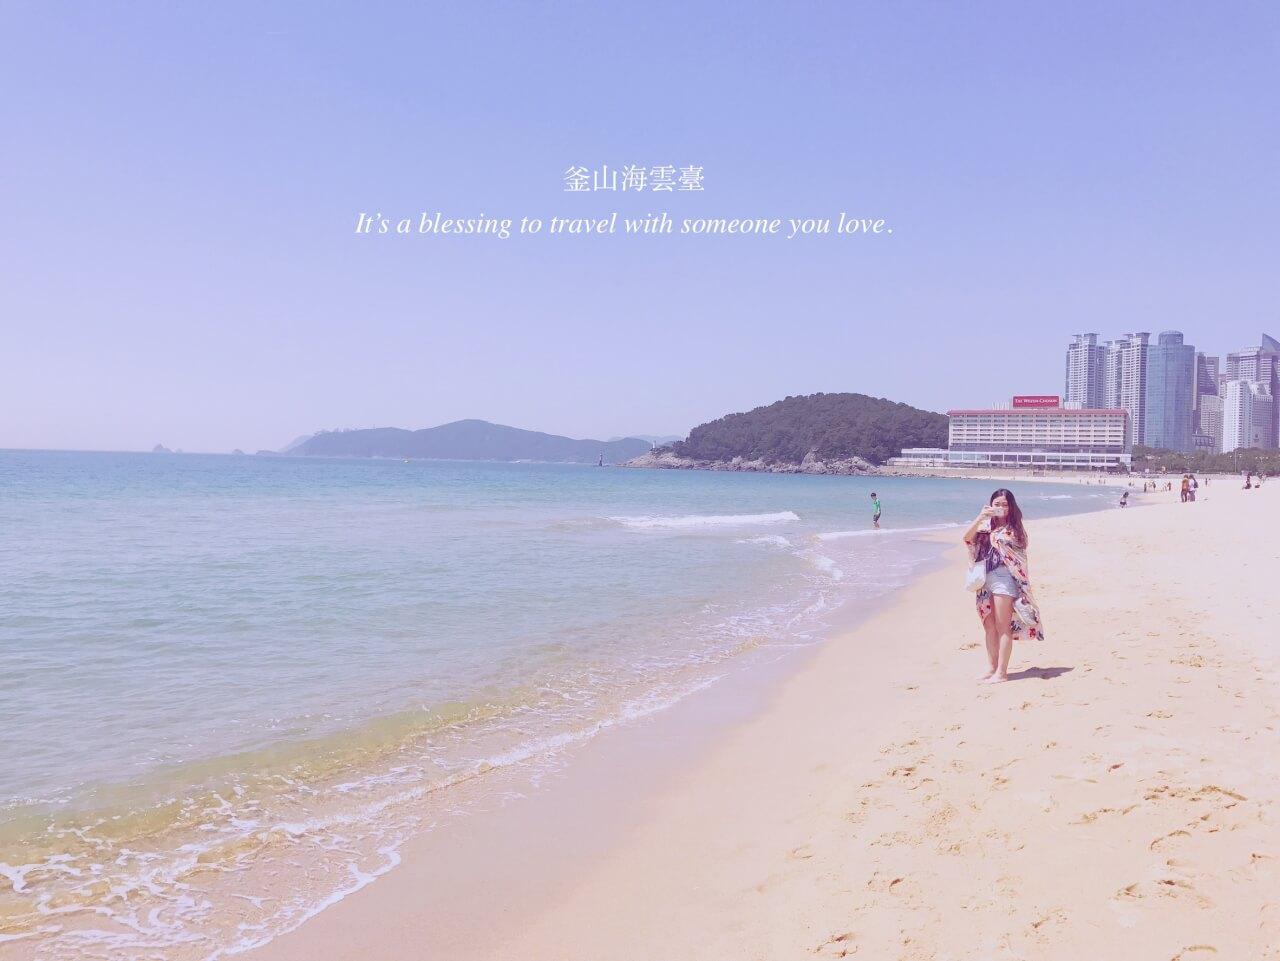 釜山遊記,海雲臺散散步